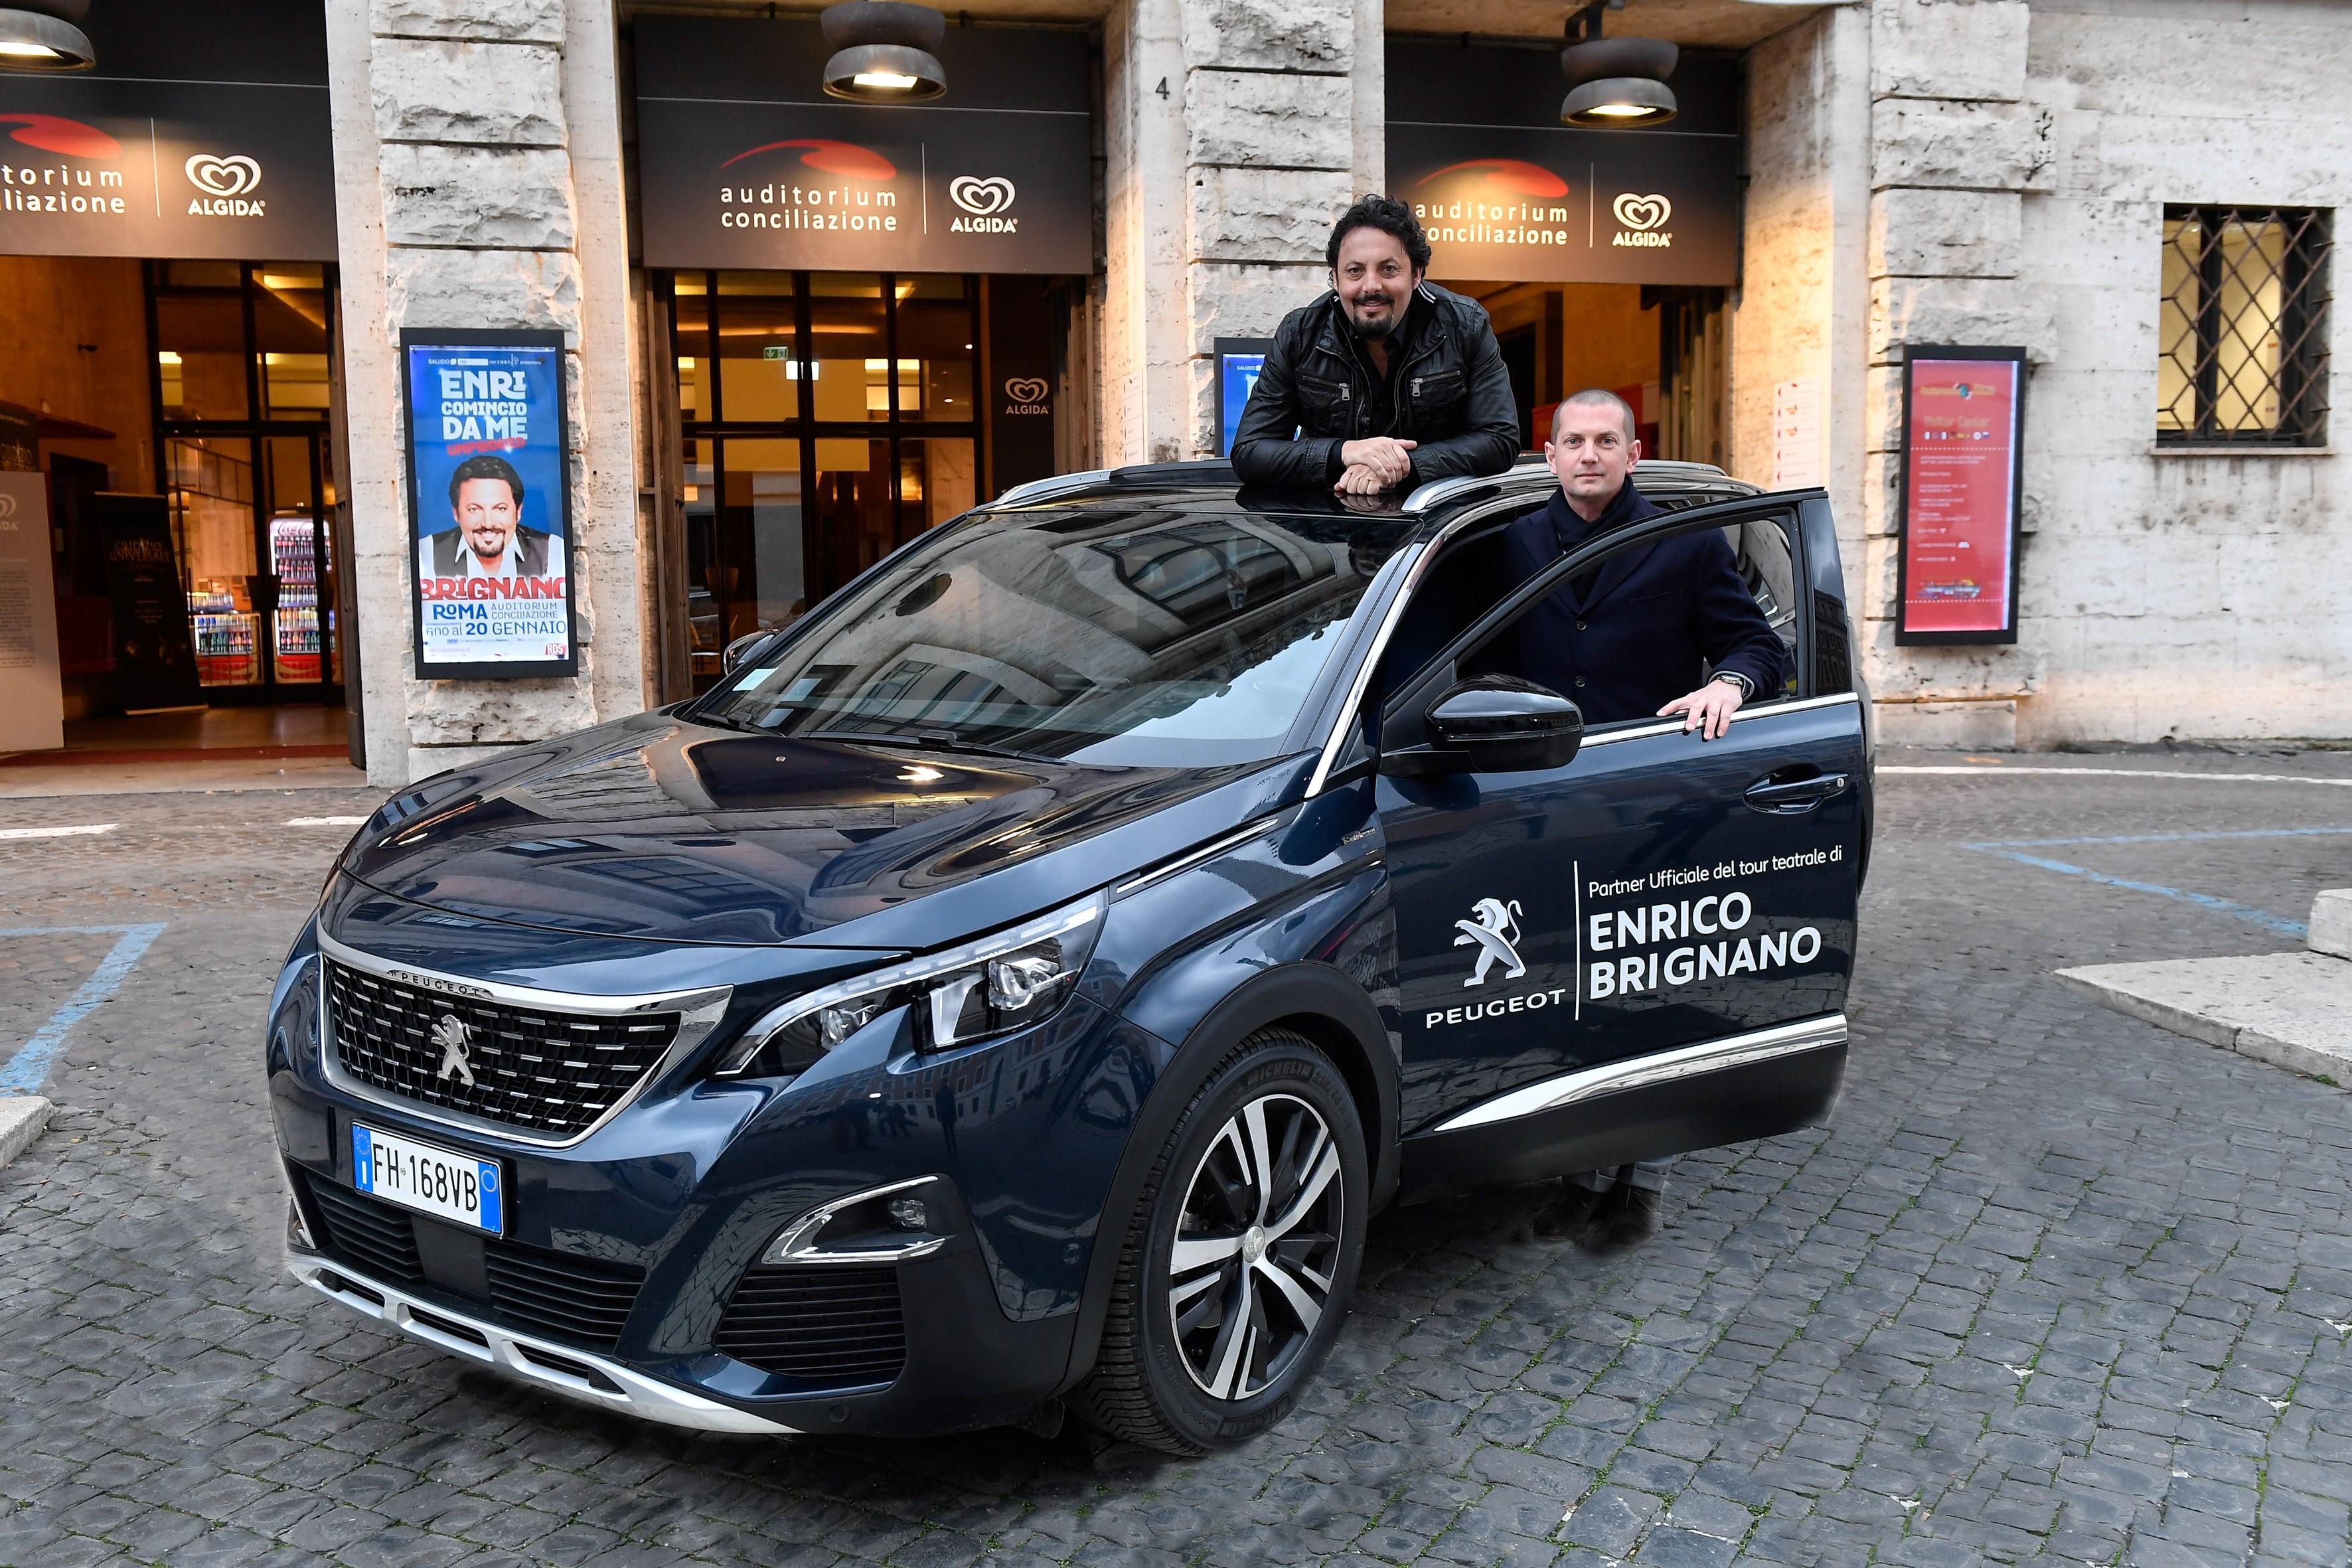 Peugeot - Tour Enrico Brignano